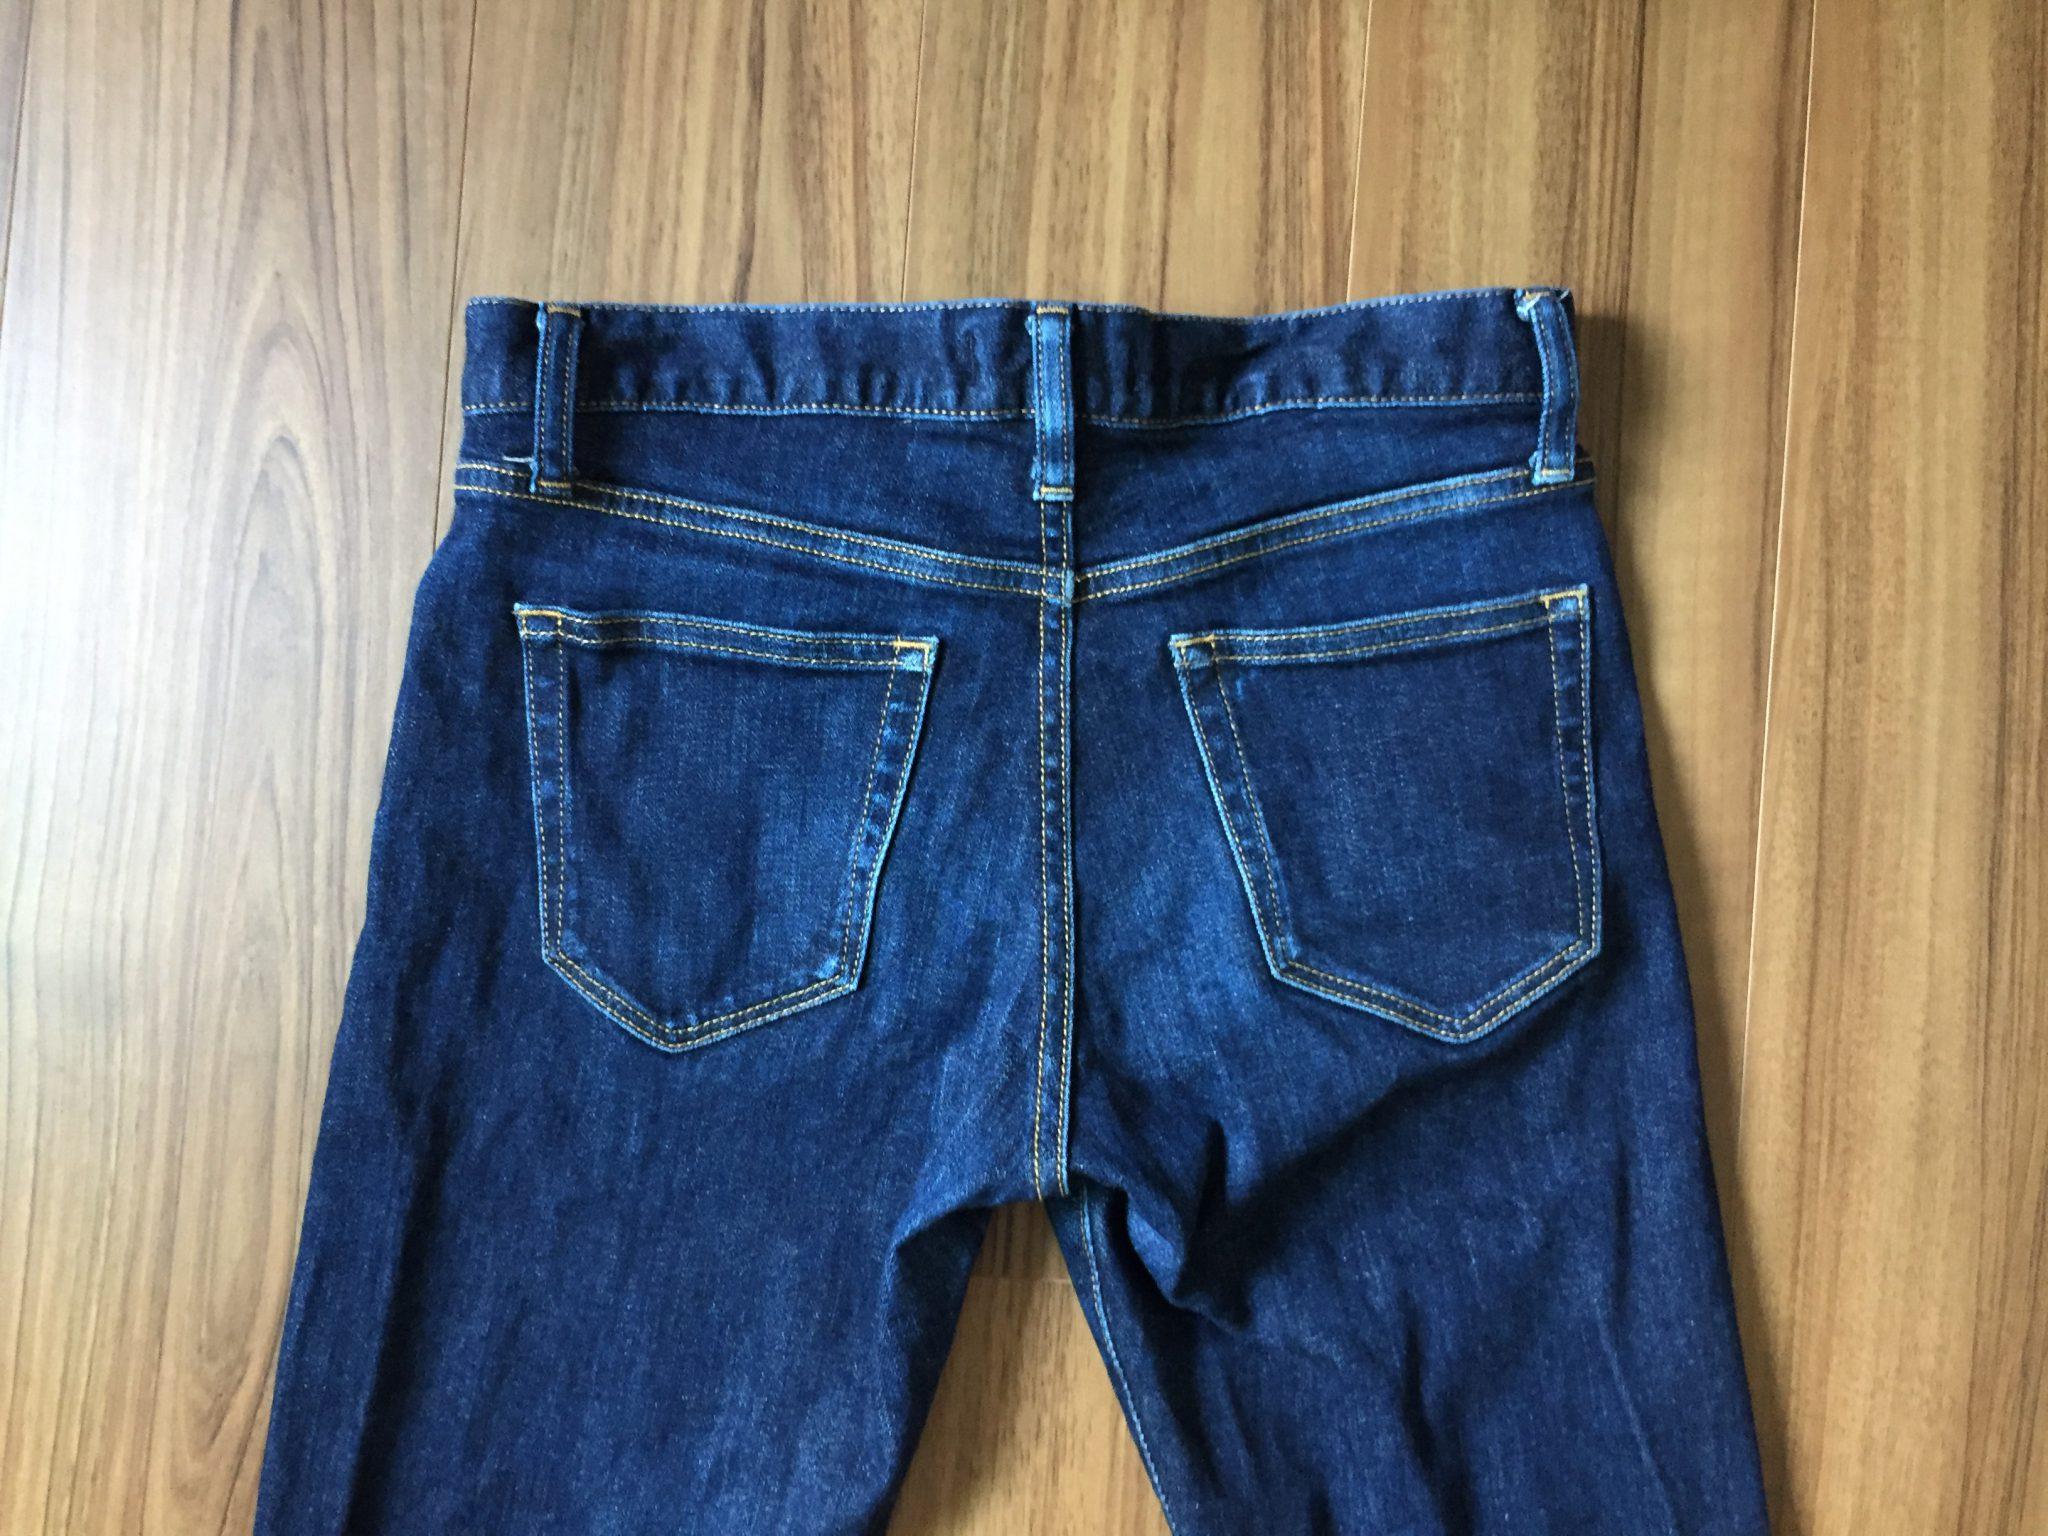 ジーンズのブリーチにチャレンジ~夏に穿けるアイスブルーのデニムを目指して。みたけど。。